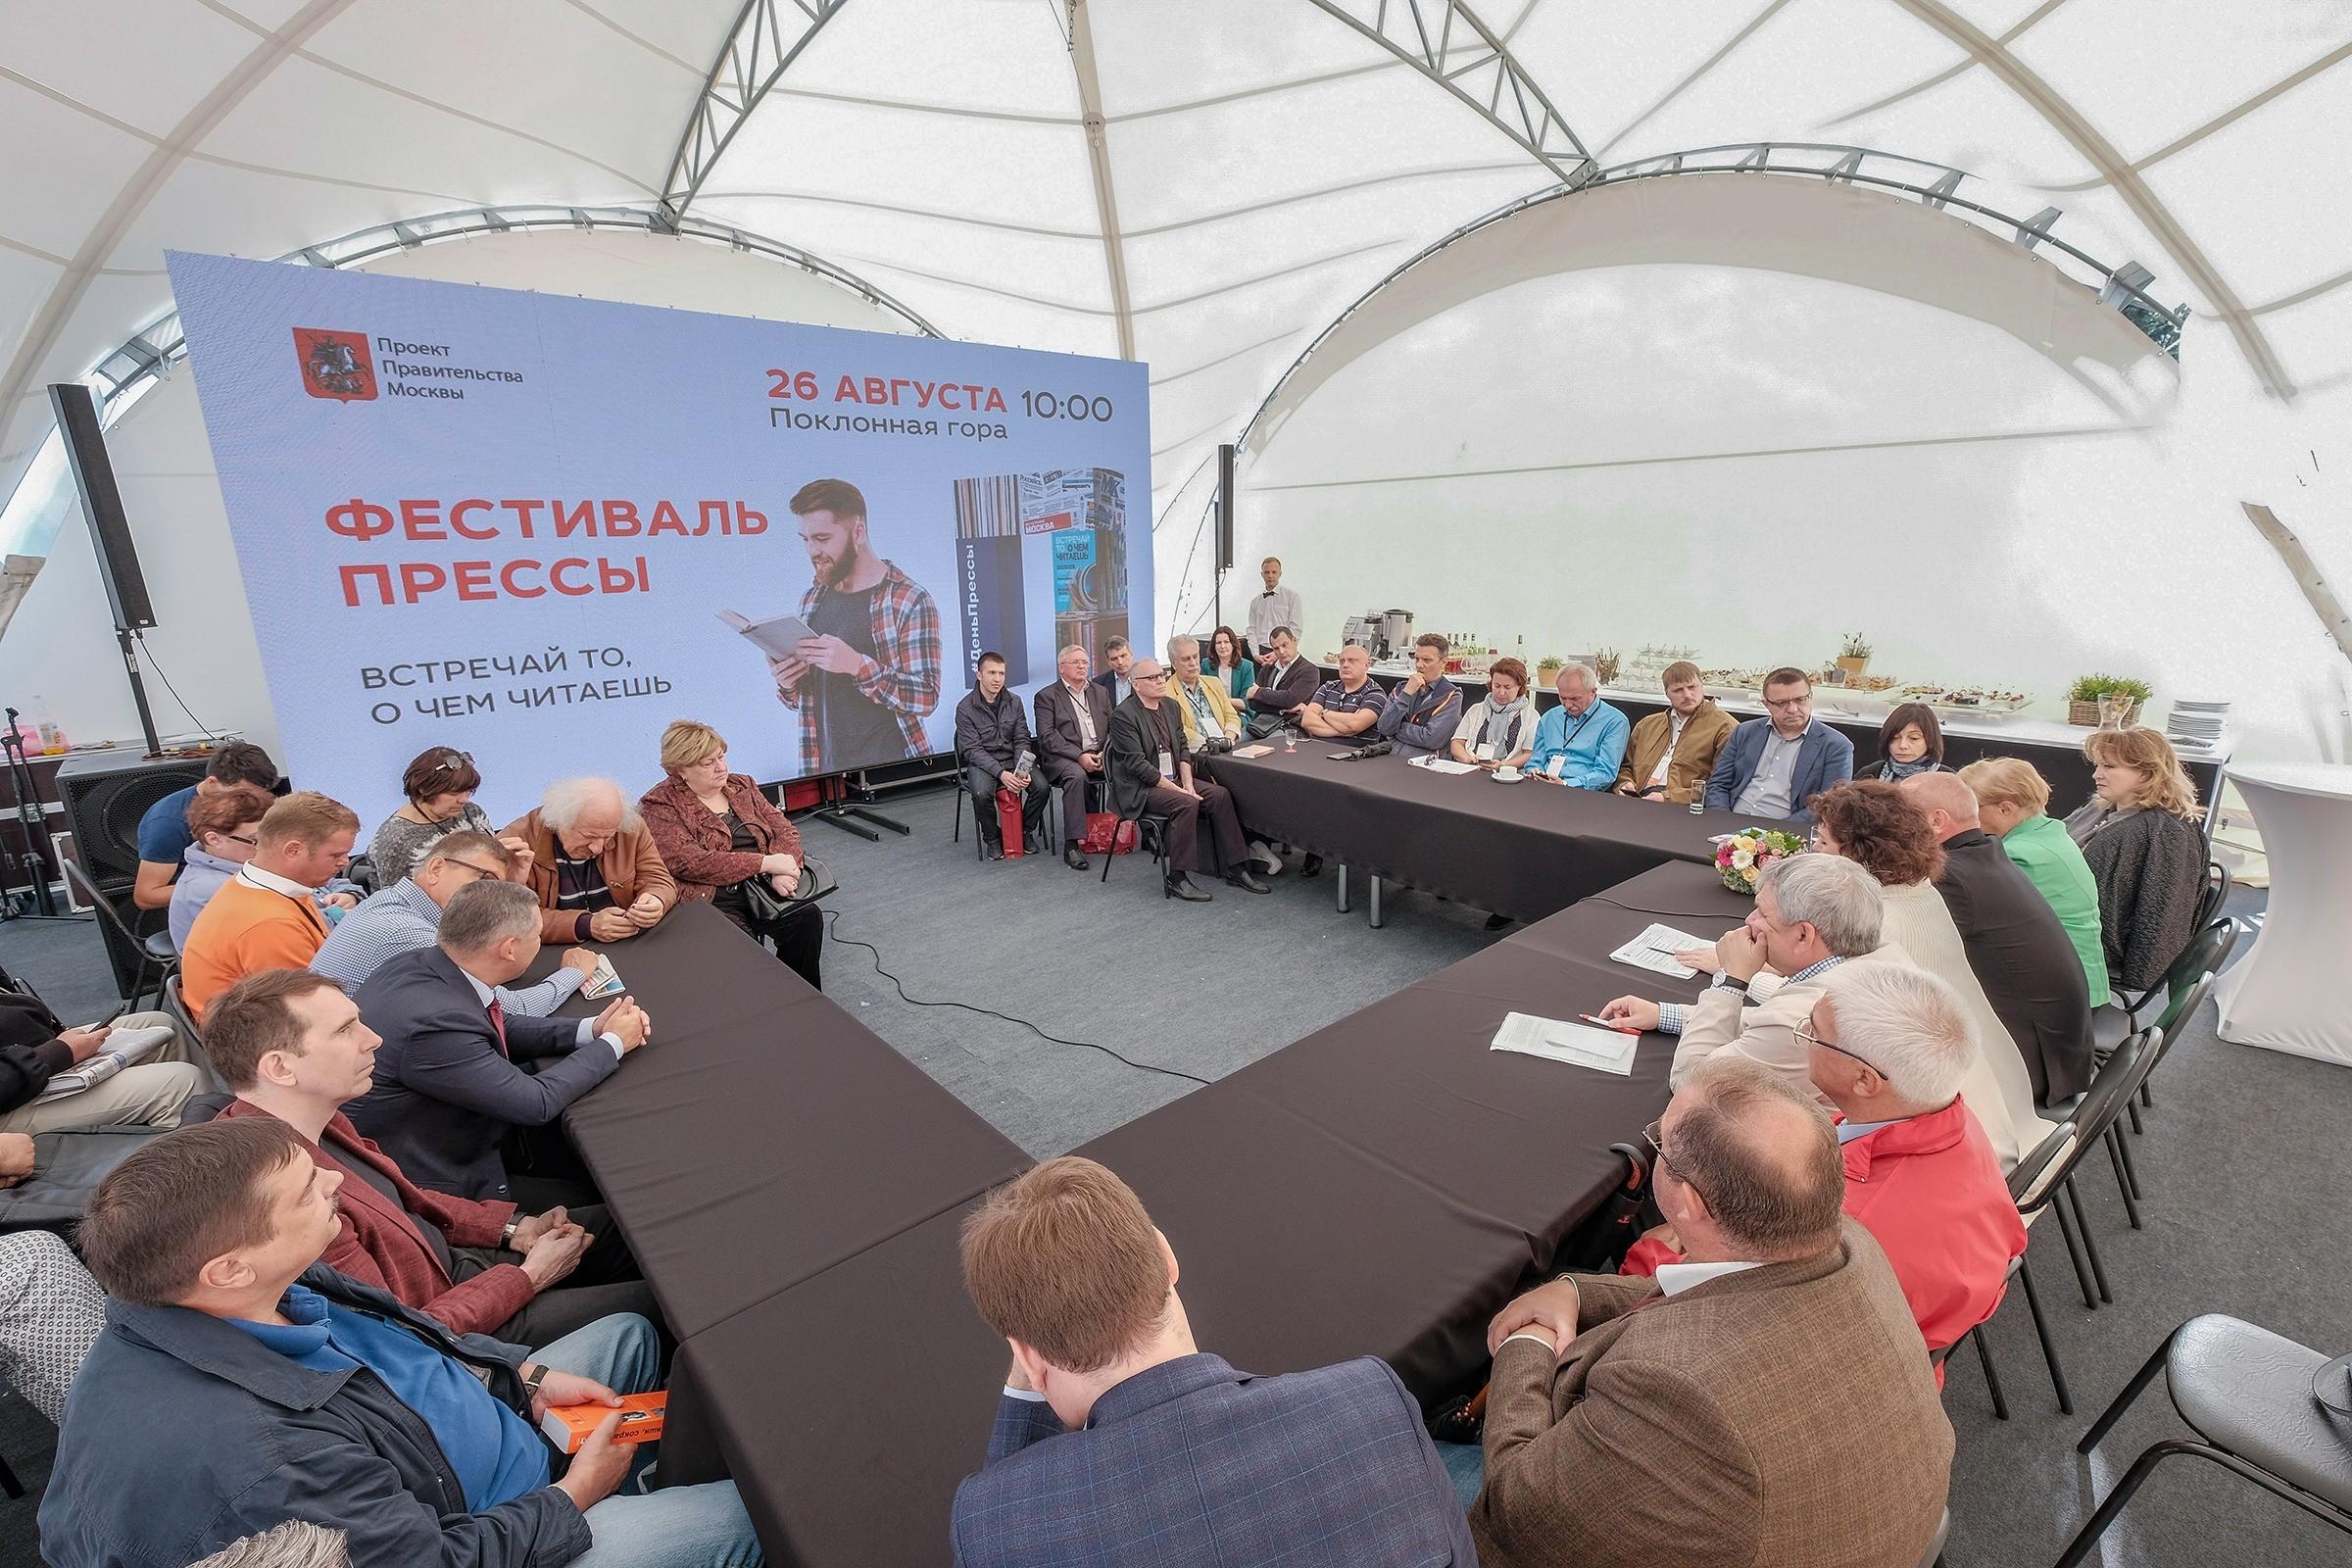 Burda и «Лиза» приглашают на Московский фестиваль прессы